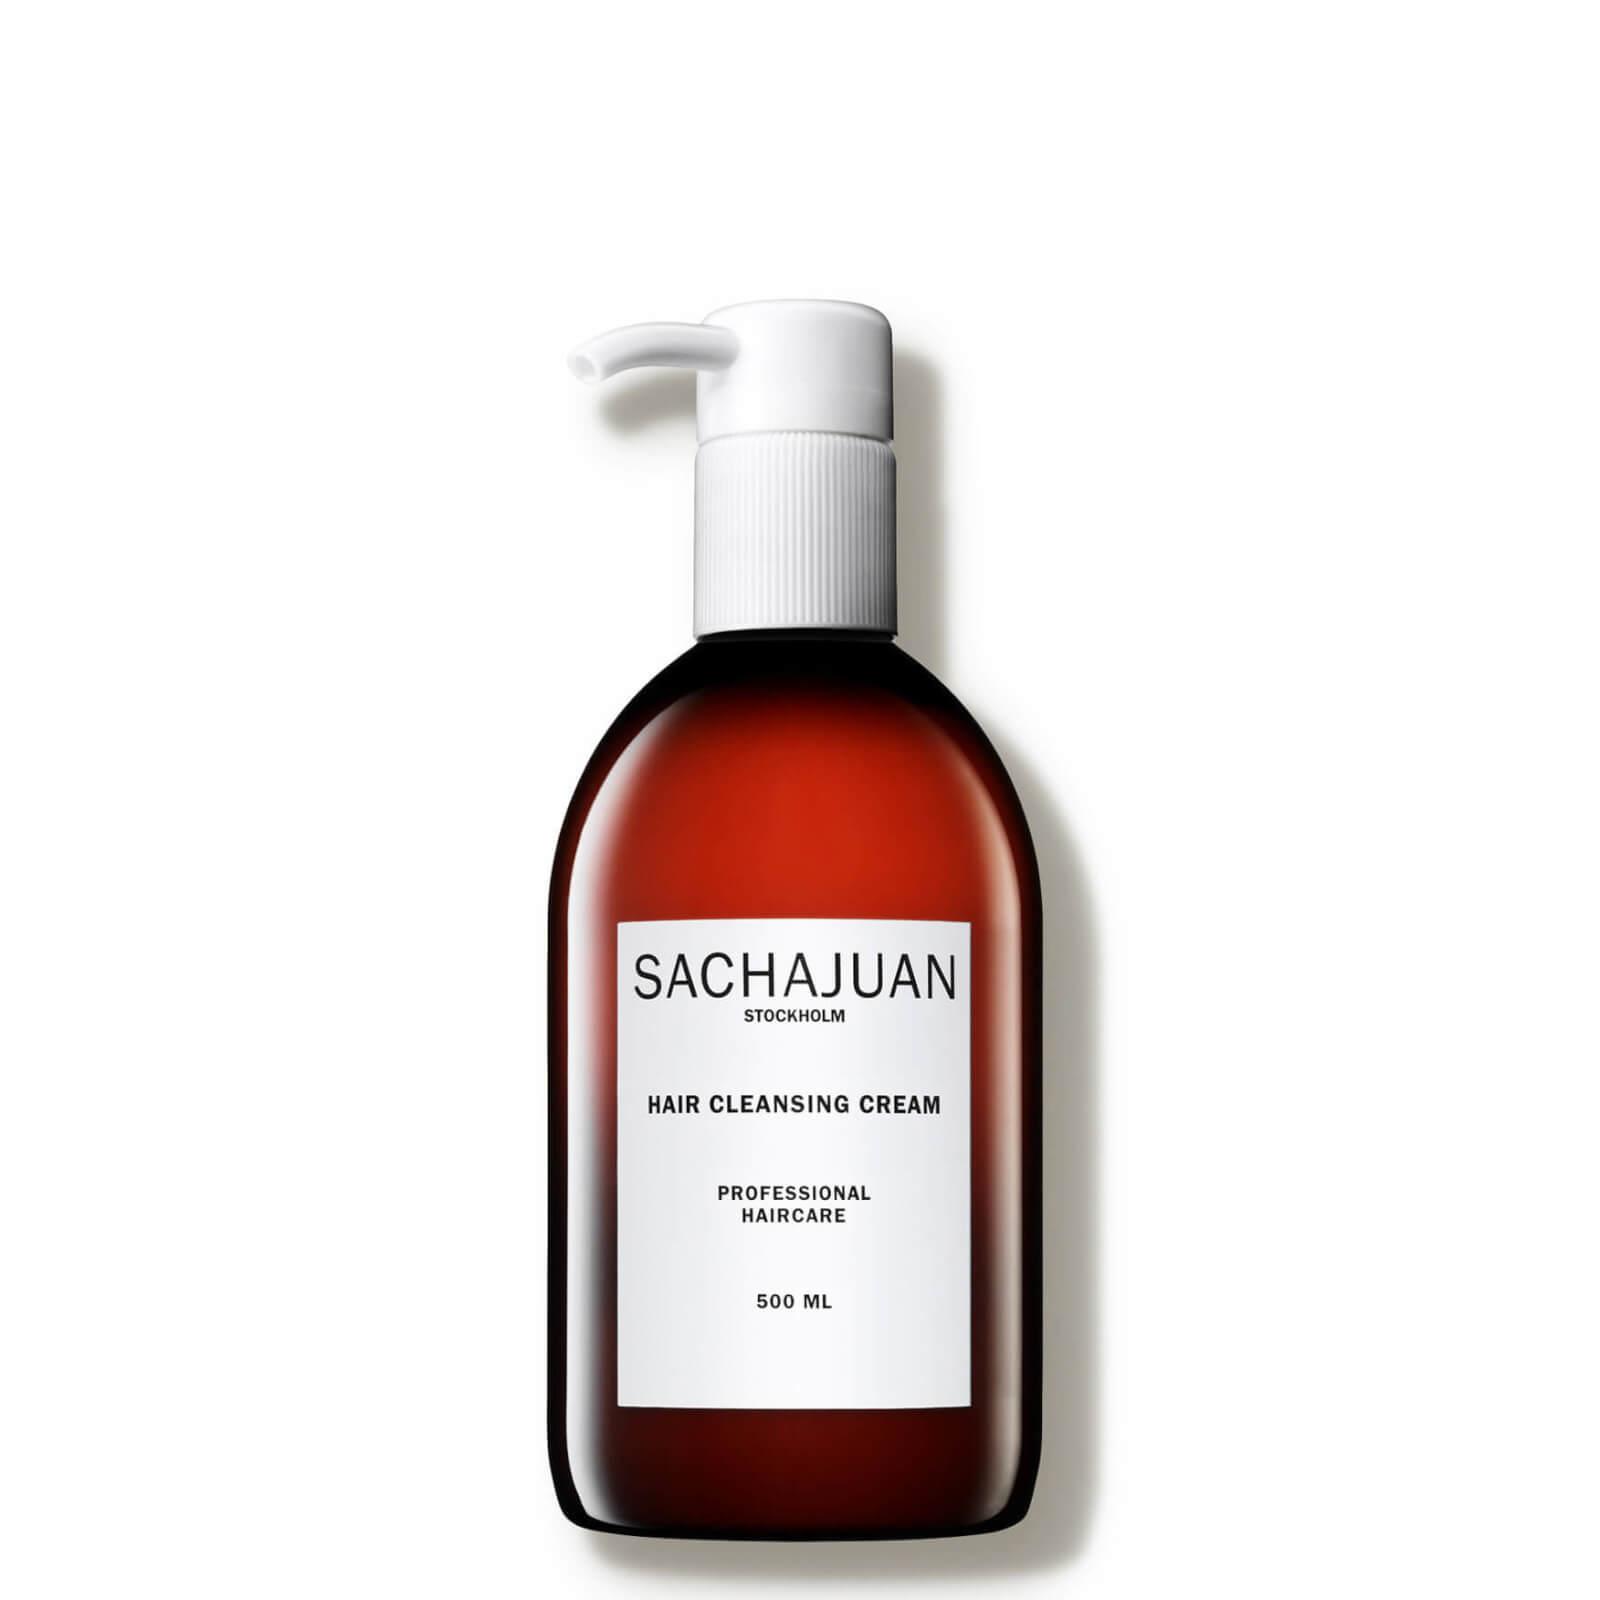 Sachajuan Hair Cleansing Cream 500ml